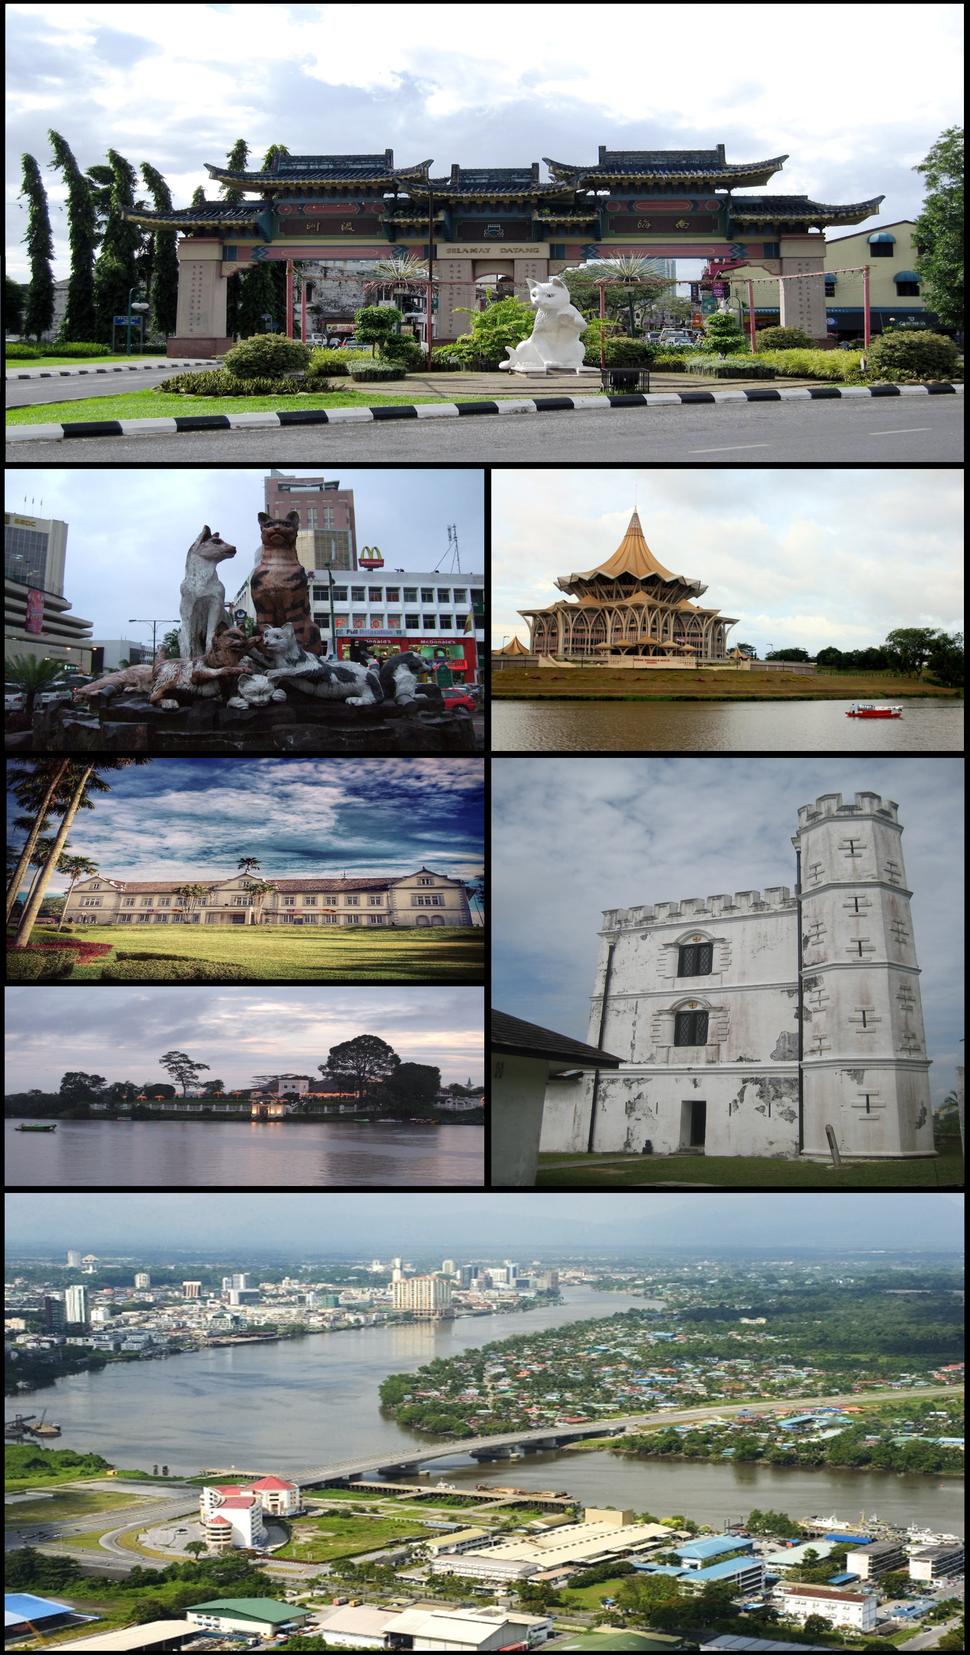 Dari kanan atas ikut arah pusingan jam: Astana, Dewan Undangan Negeri Sarawak, Tugu Kucing, Jambatan Pending, Muzium Sarawak, dan Fort Margherita. Lambang-Lambang Rasmi Bandaraya Kuching Dewan Bandaraya Kuching Utara Majlis Bandaraya Kuching Selatan